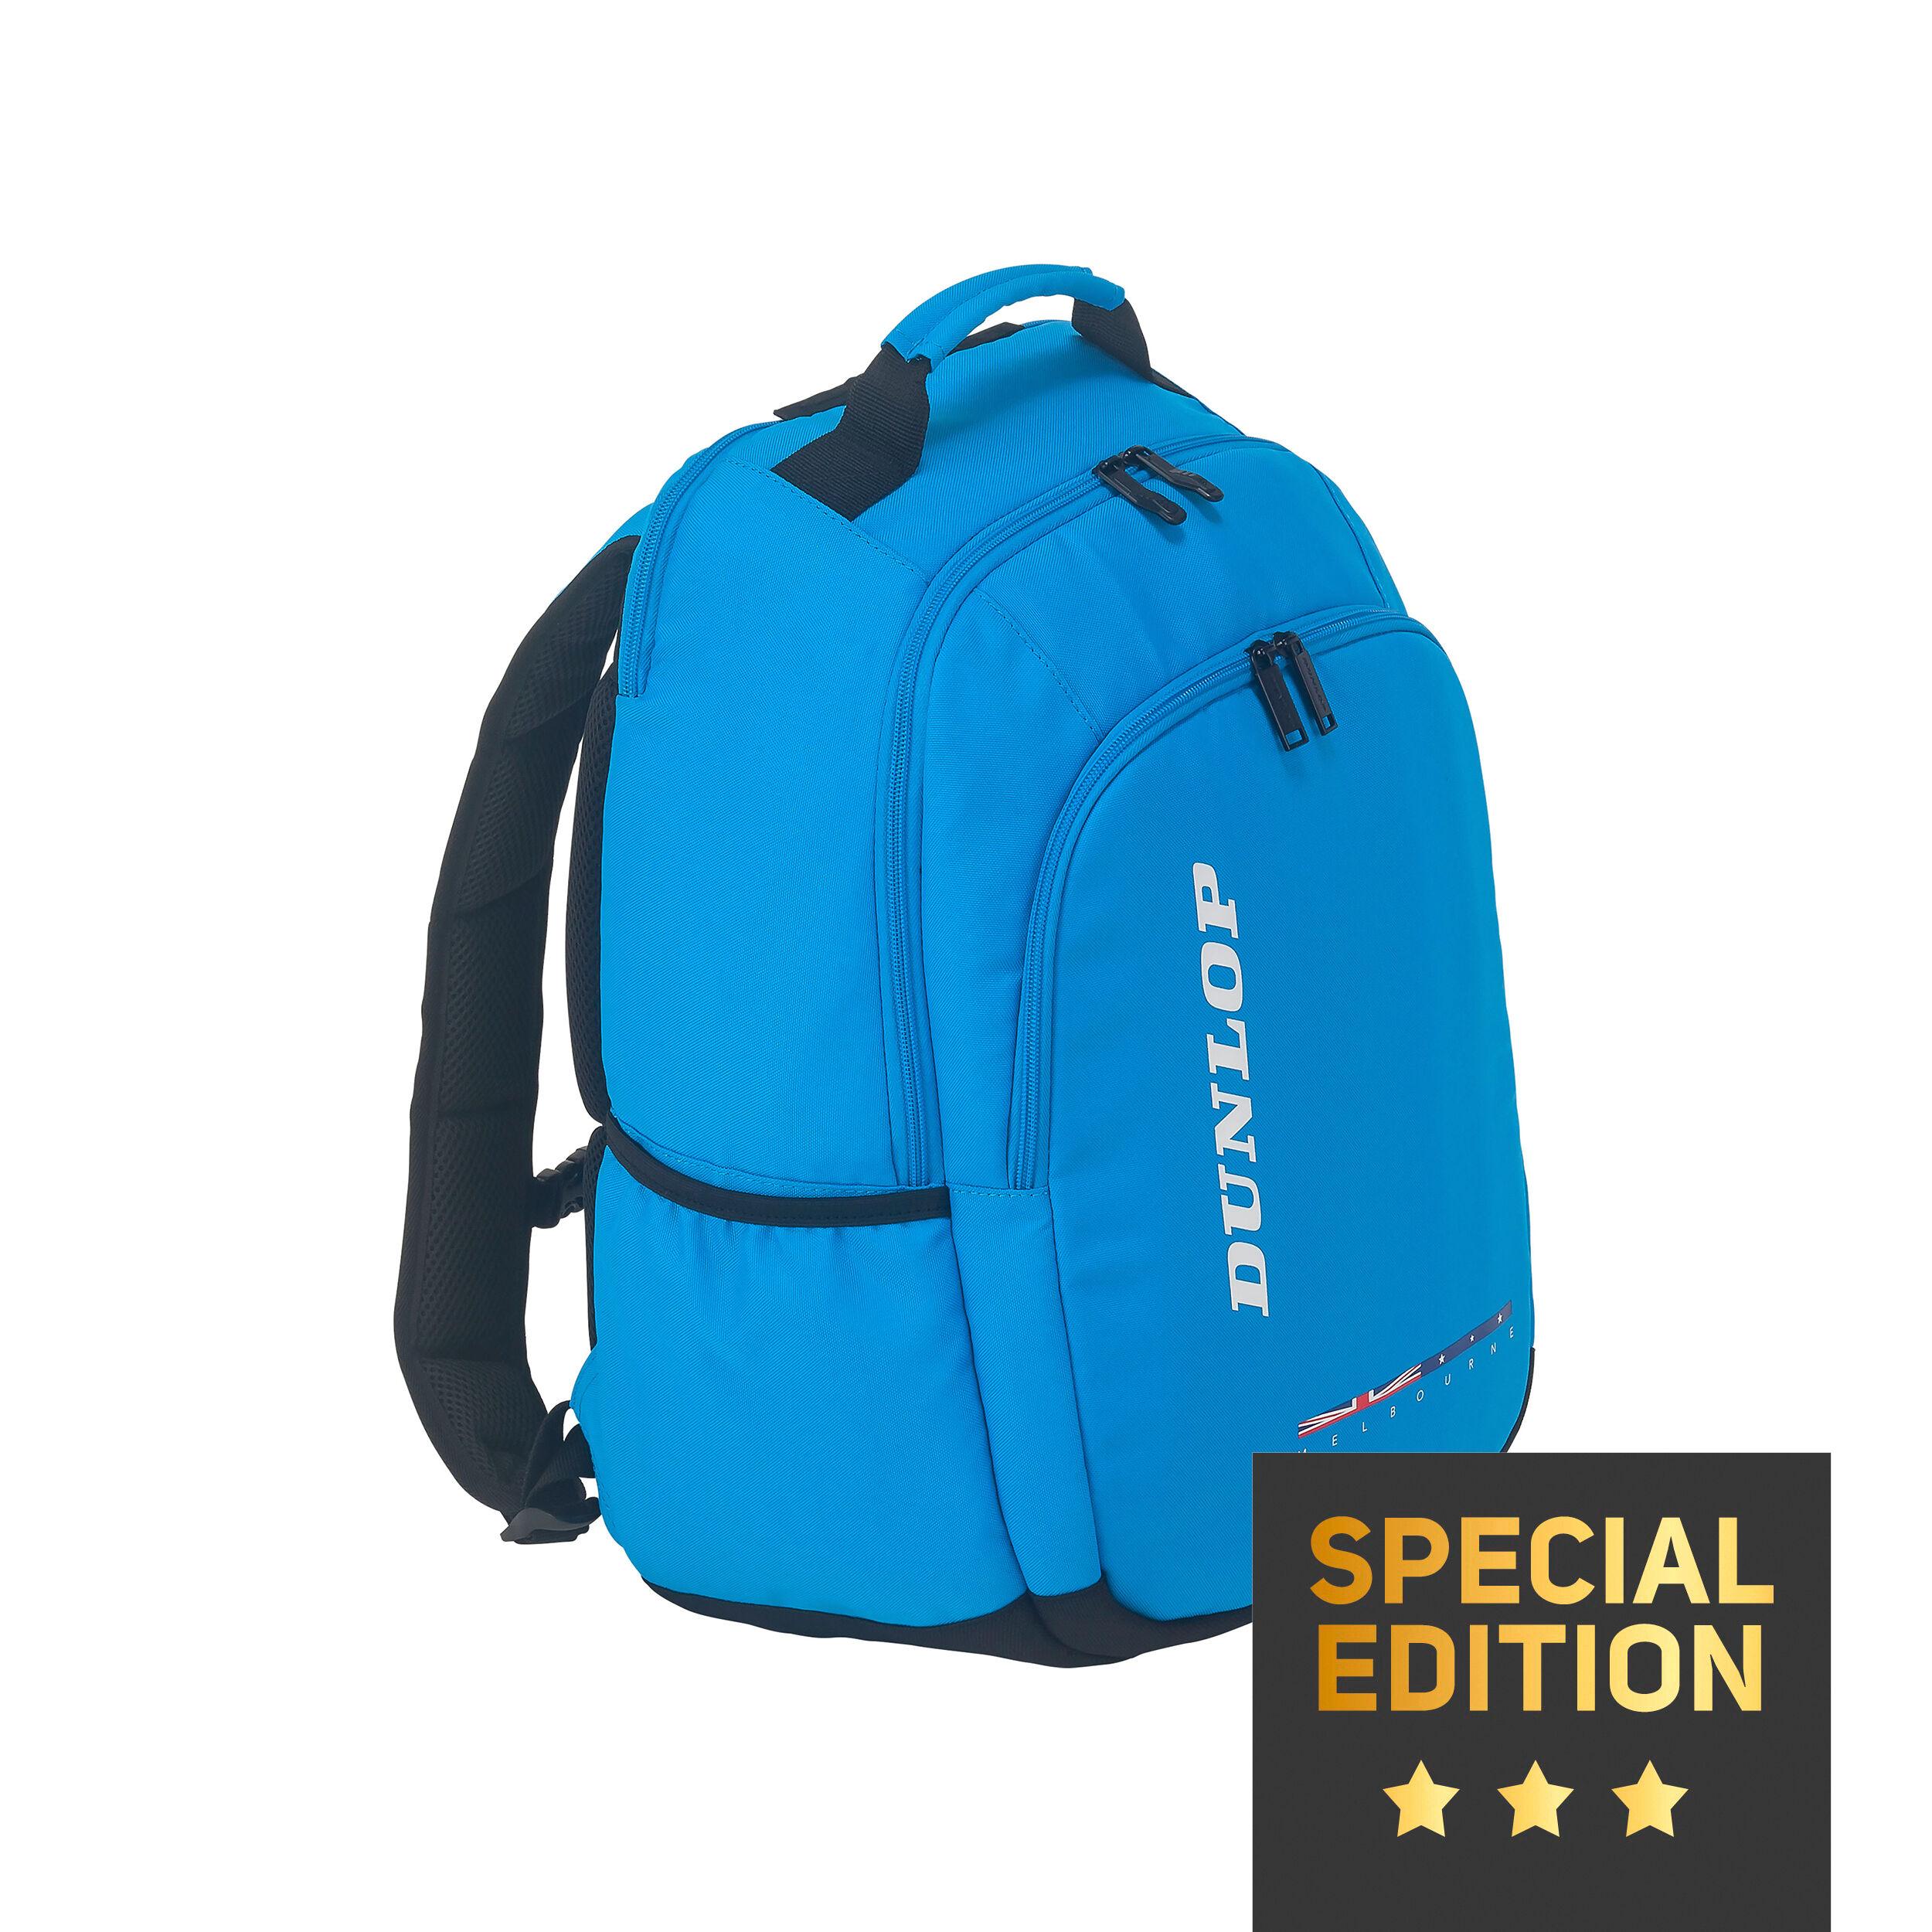 Dunlop SX Performance Rugzak Special Edition Lichtblauw, Zwart